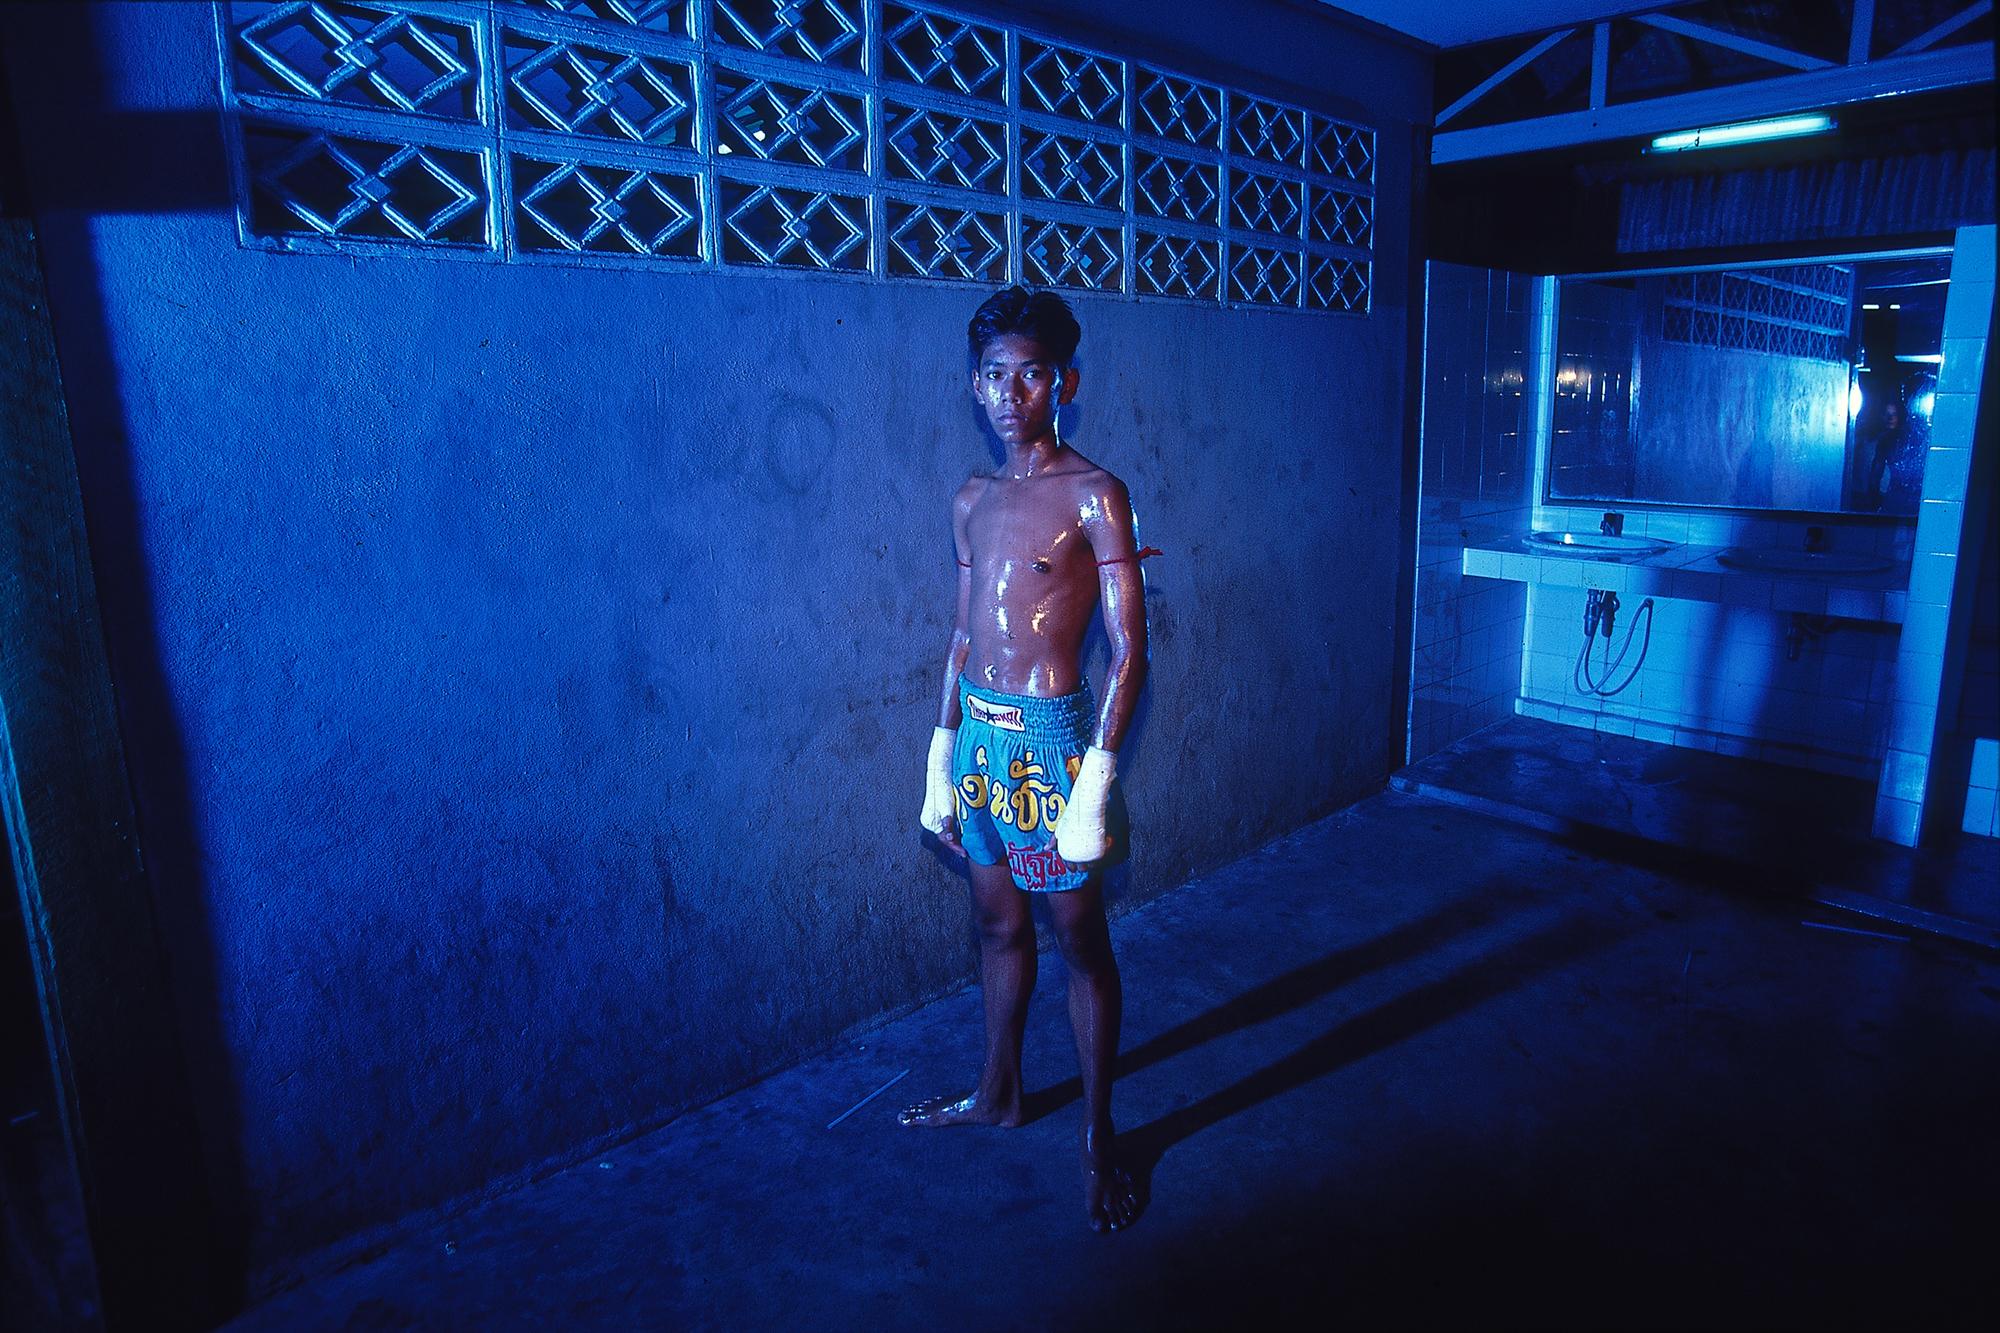 Thai Kickboxer, 1997